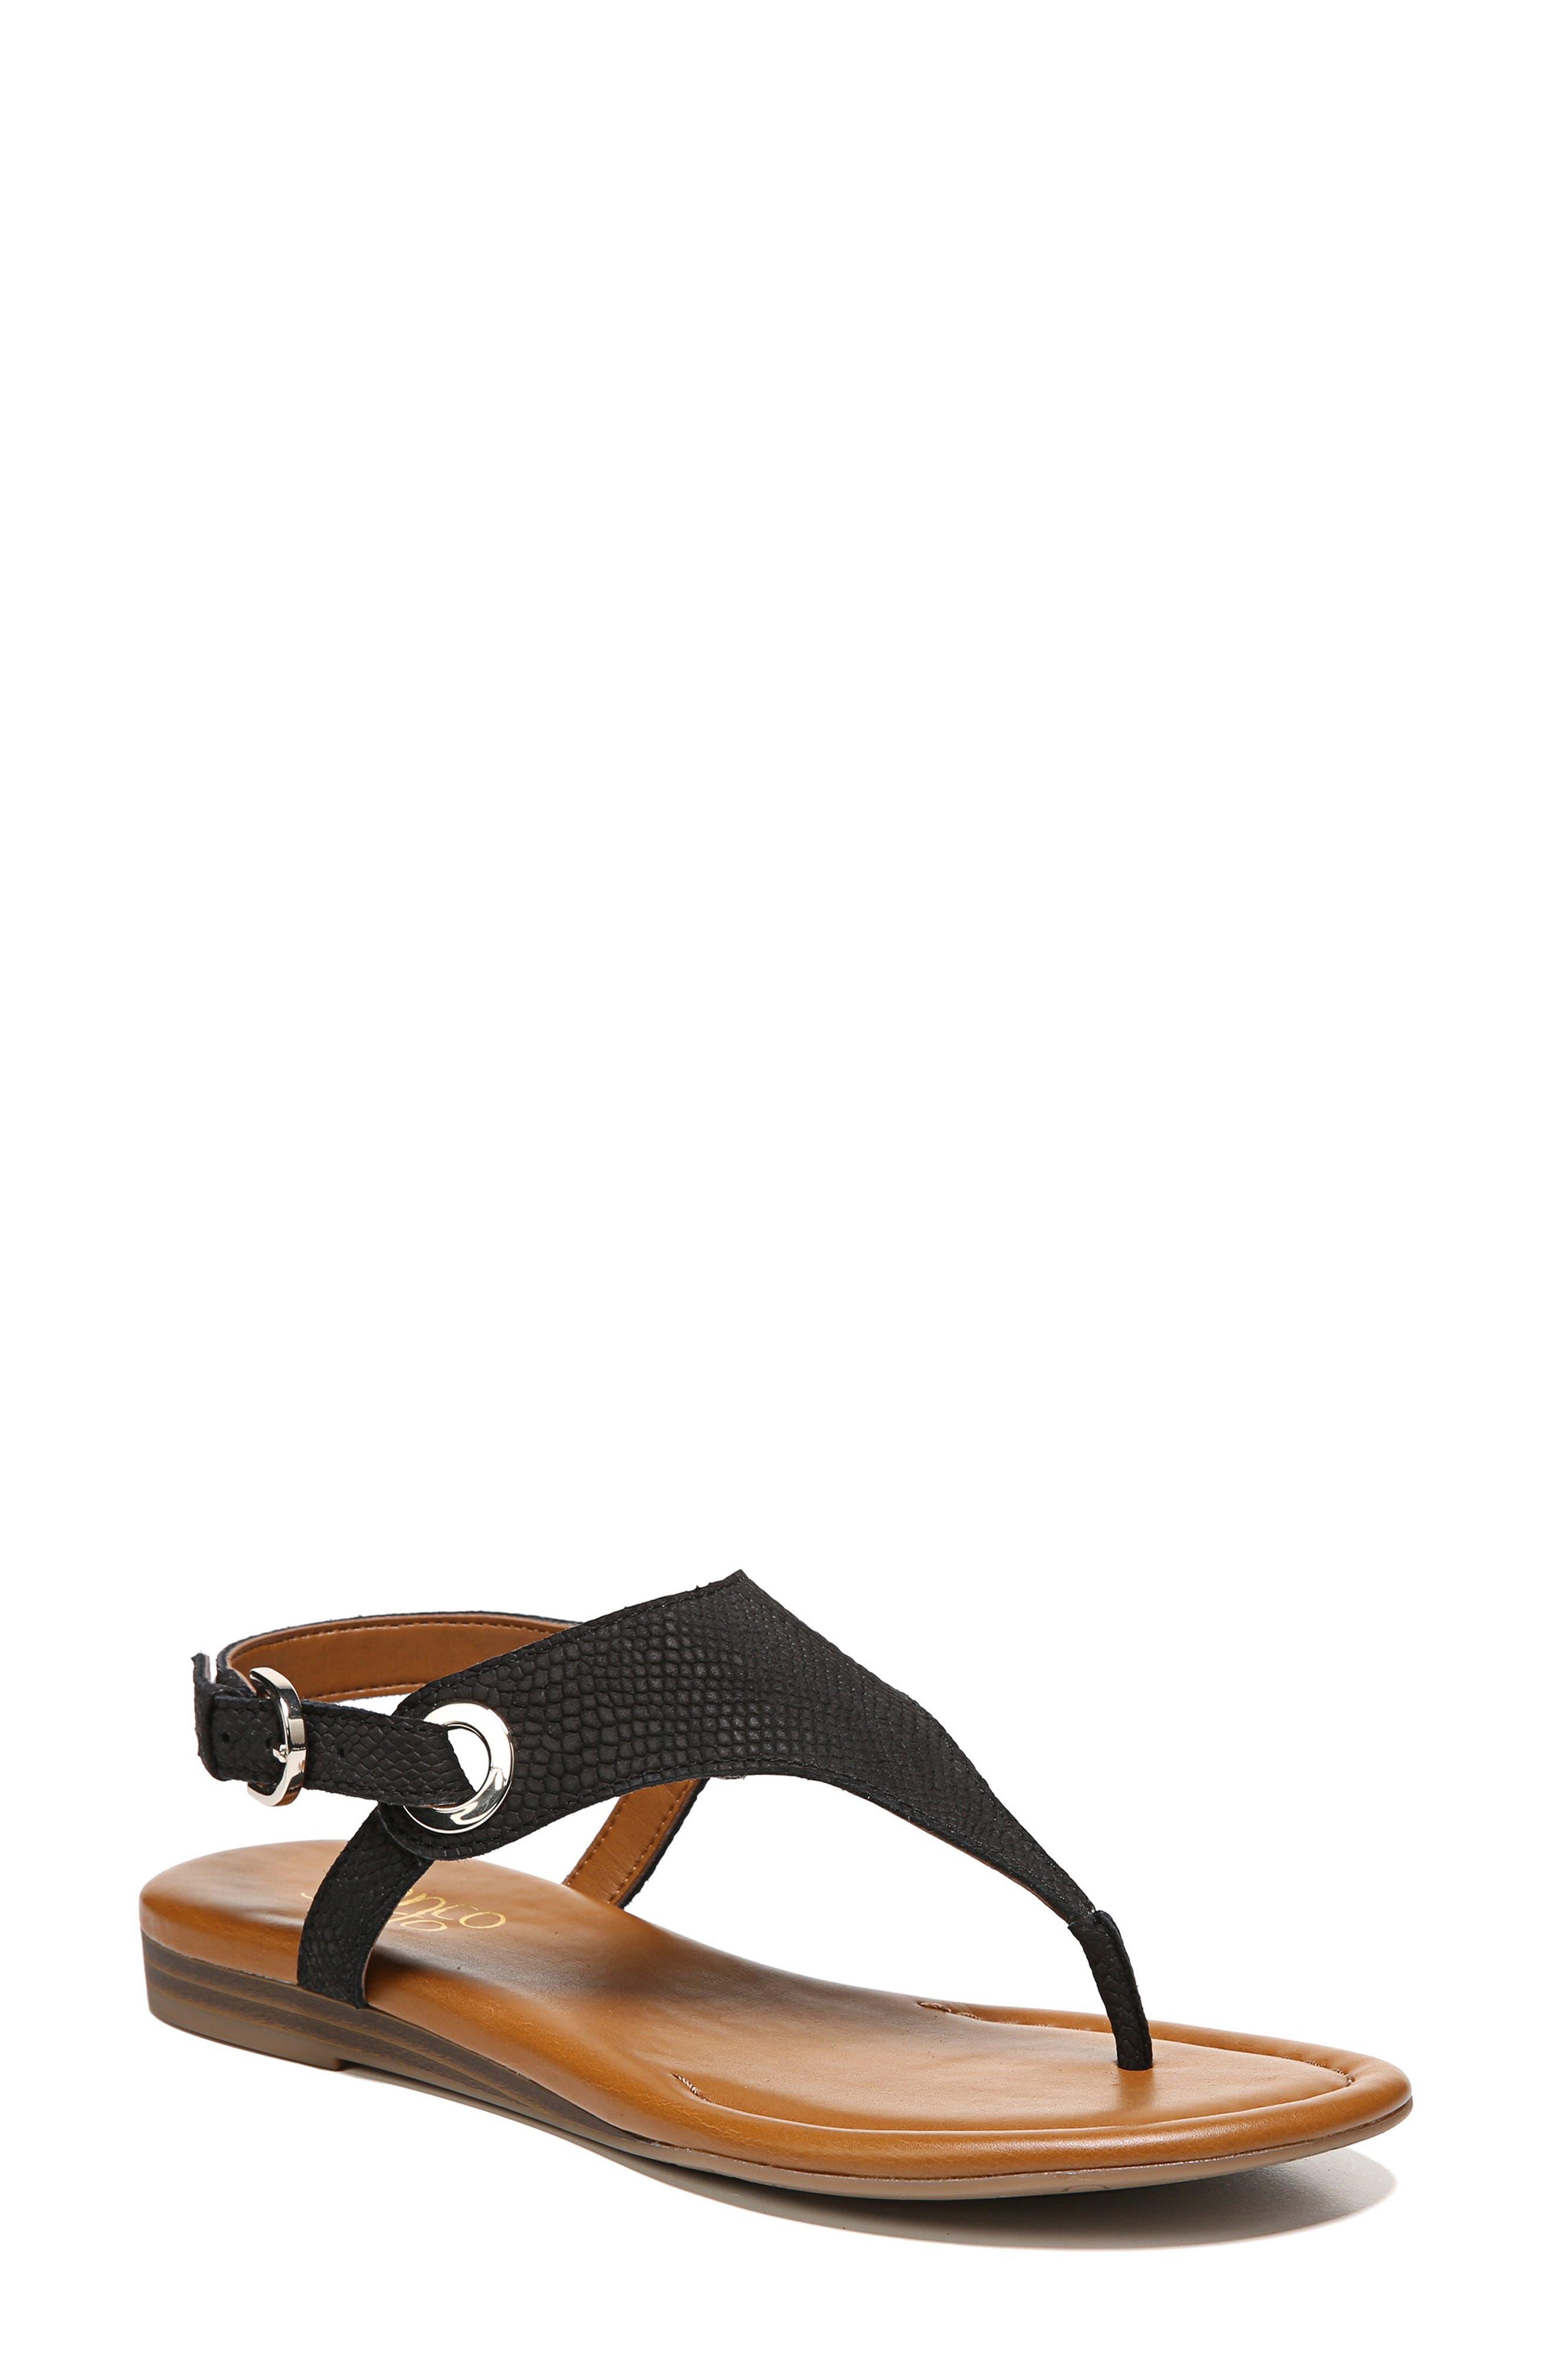 'Grip' Sandal, Main, color, 004